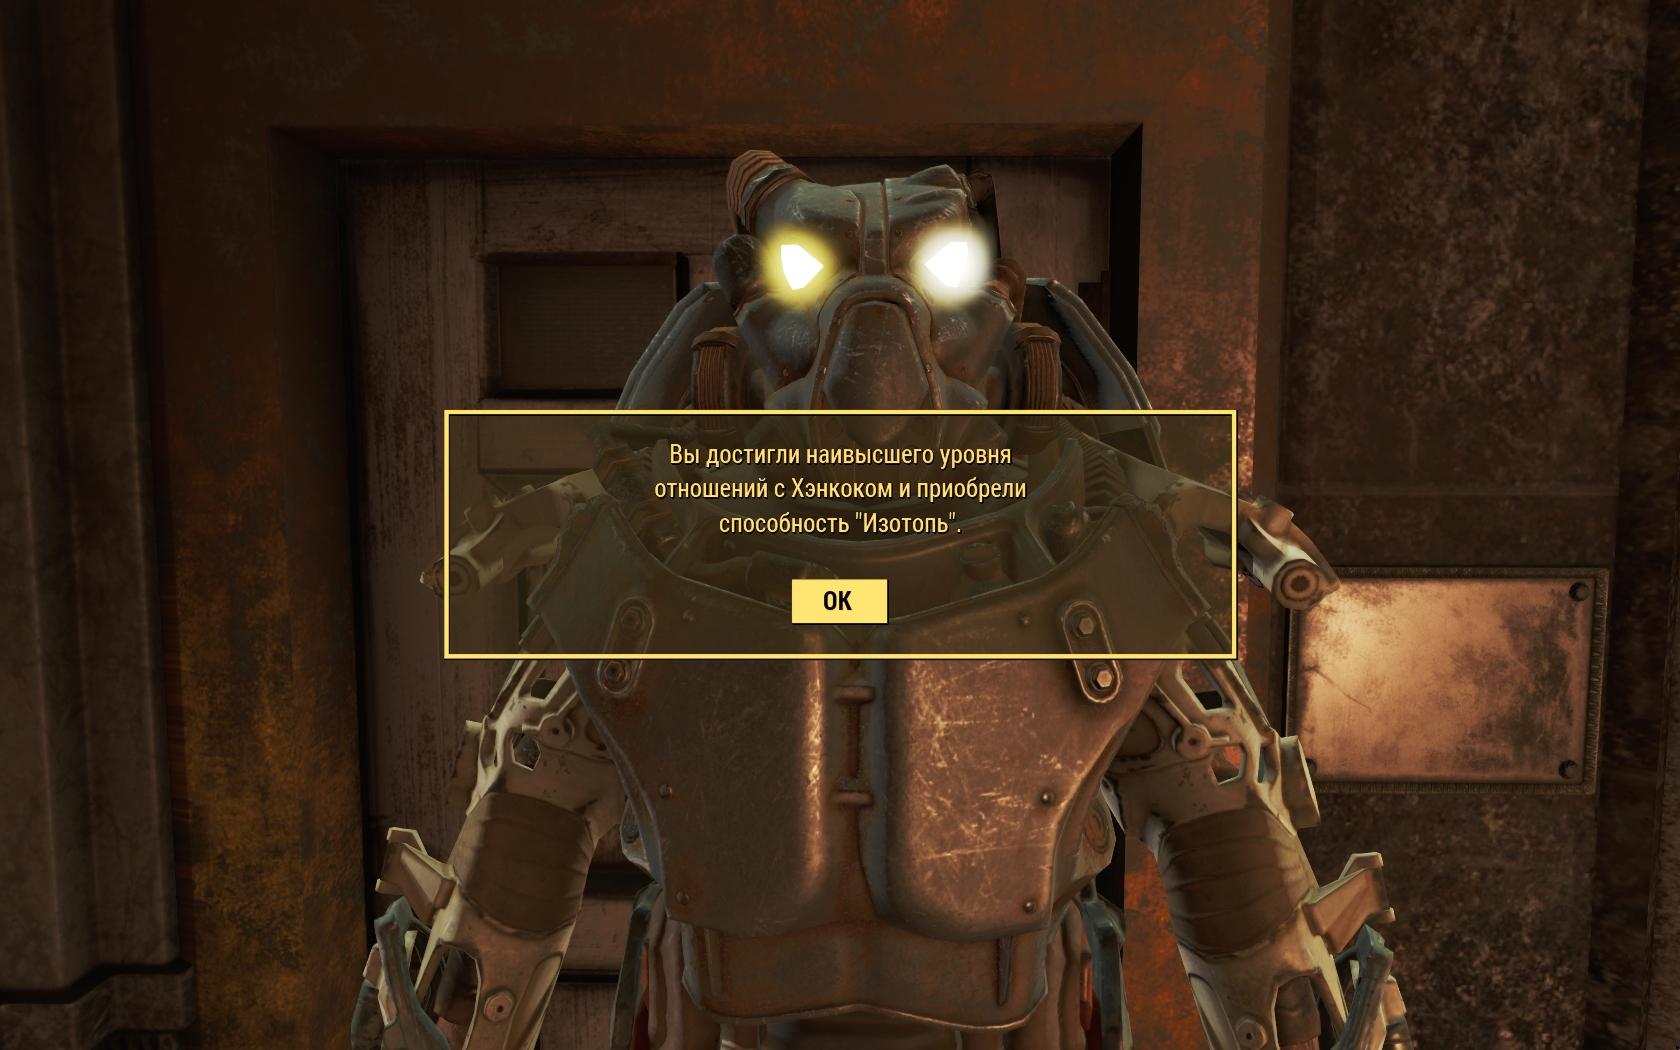 Хэнкок. Изотопь. Наивысший уровень отношений - Fallout 4 Изотопь, Хэнкок